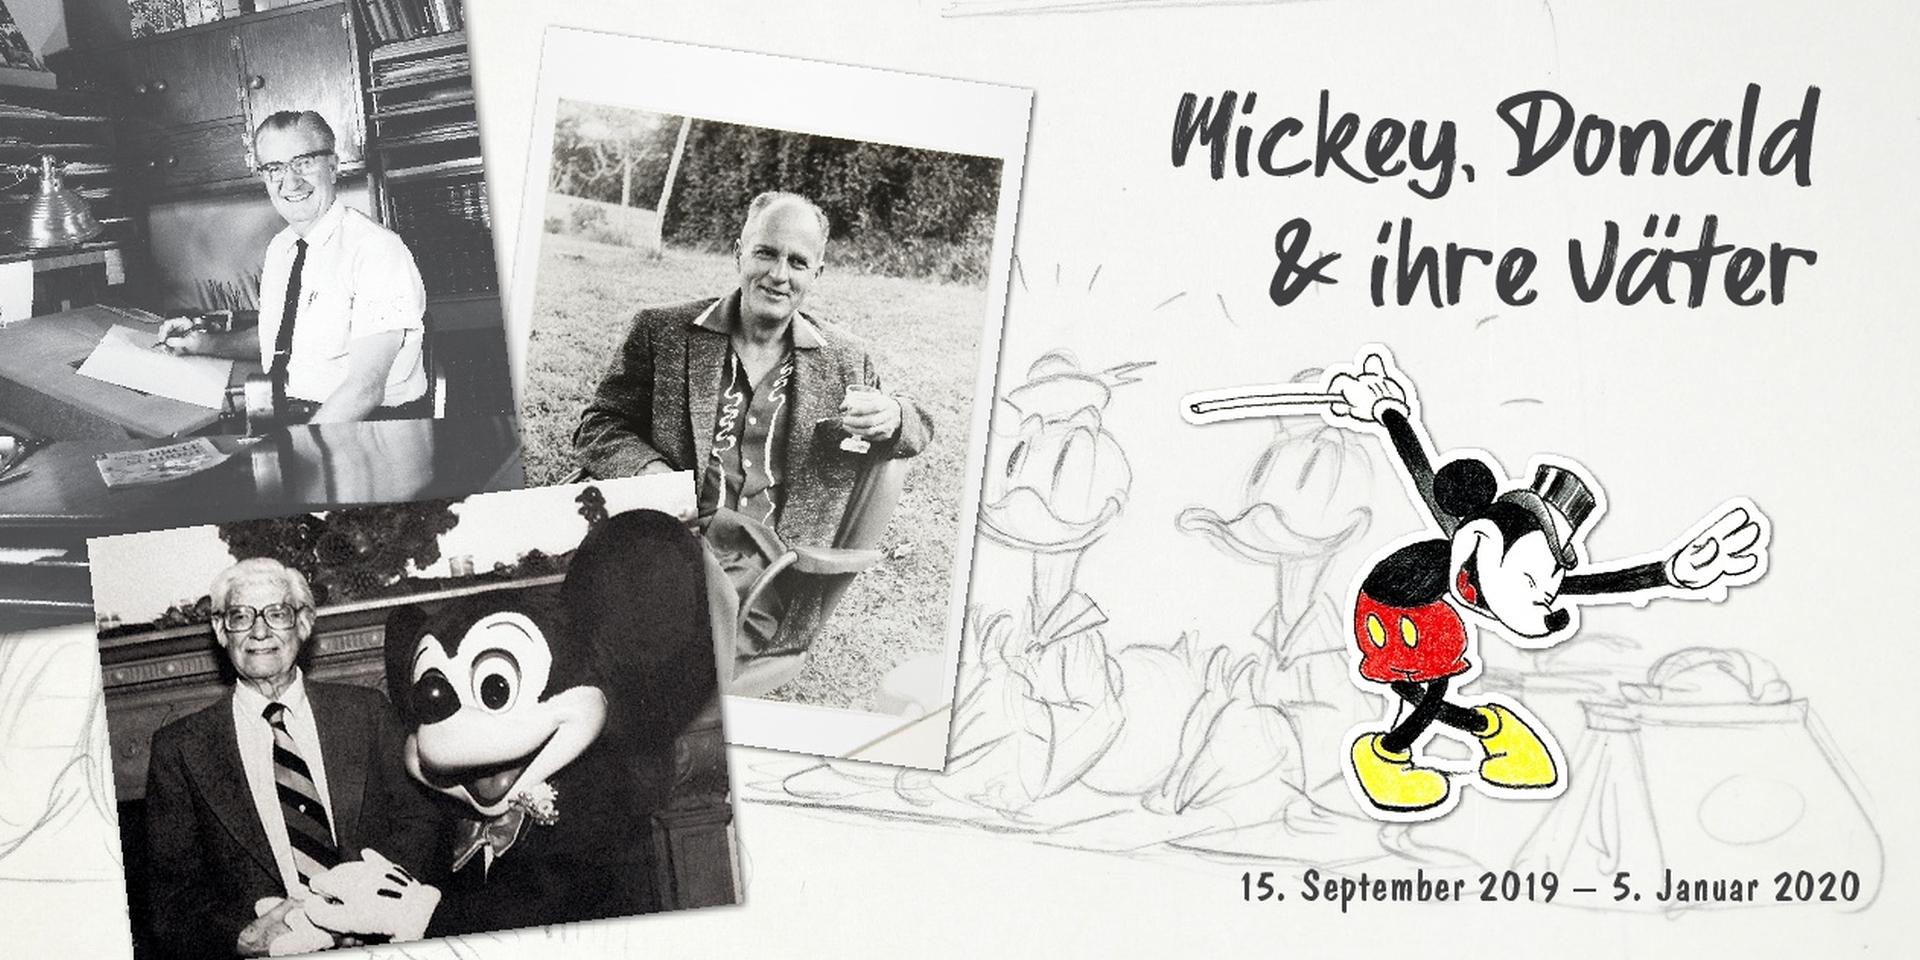 Mickey, Donald und ihre Väter Ausstellung